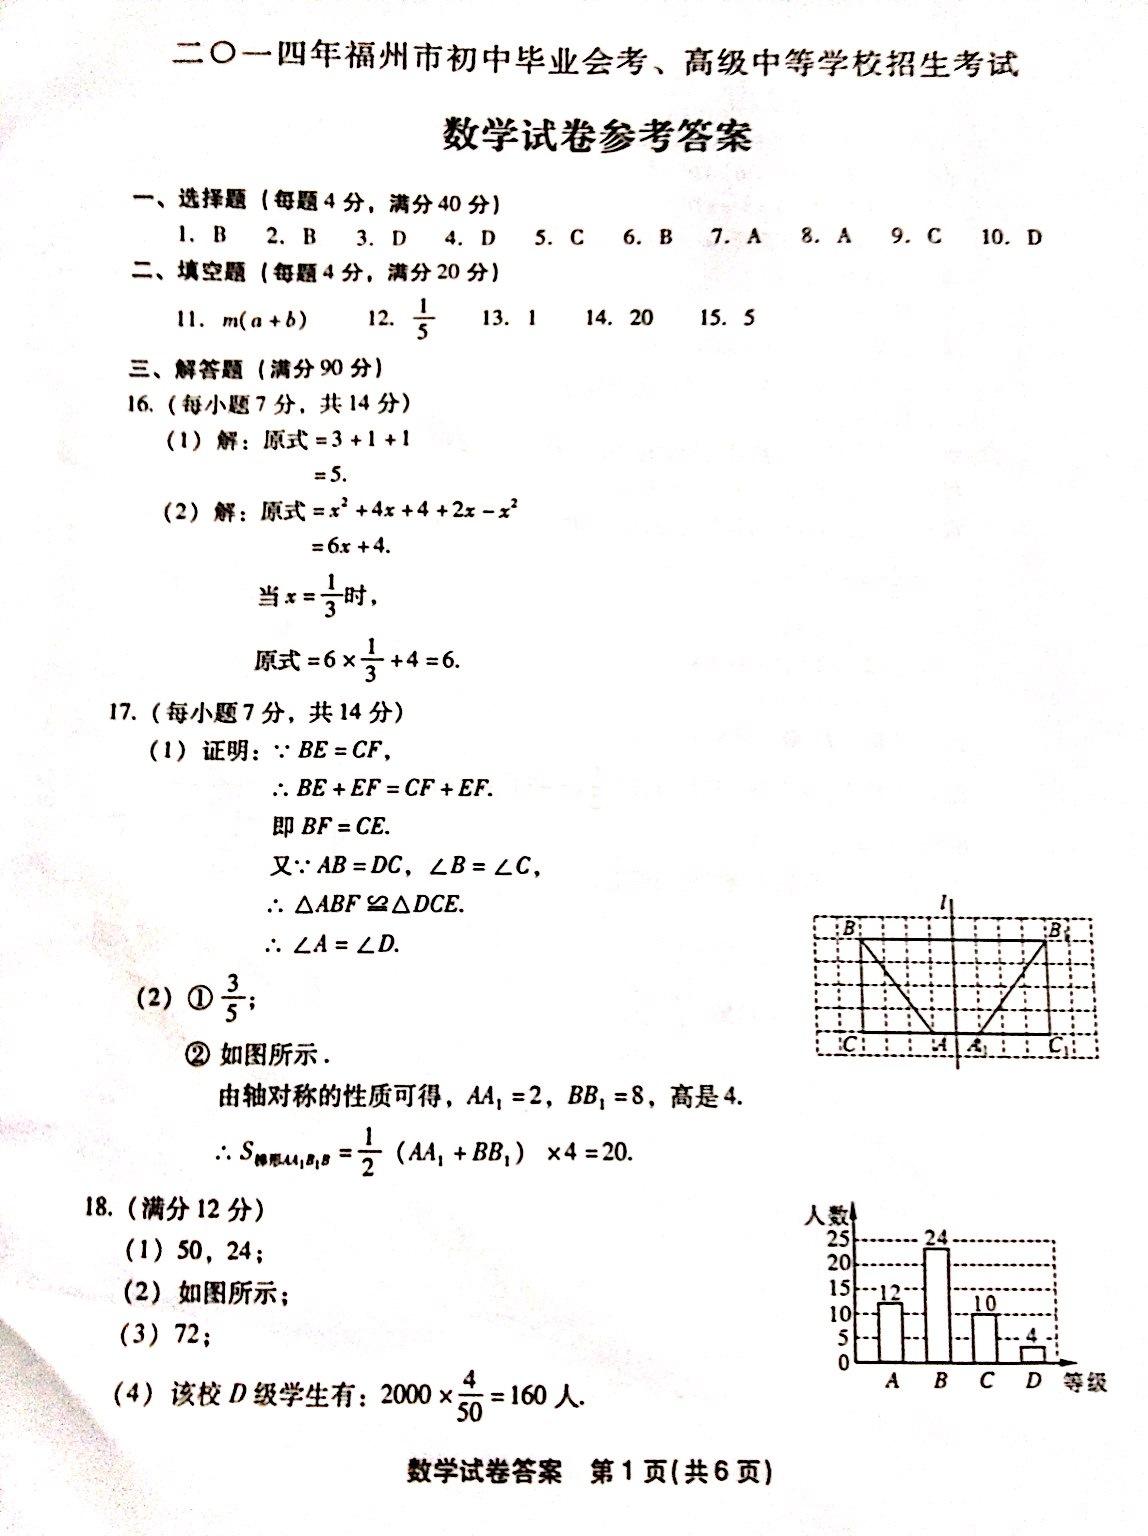 2014福州中考数学试题答案发布